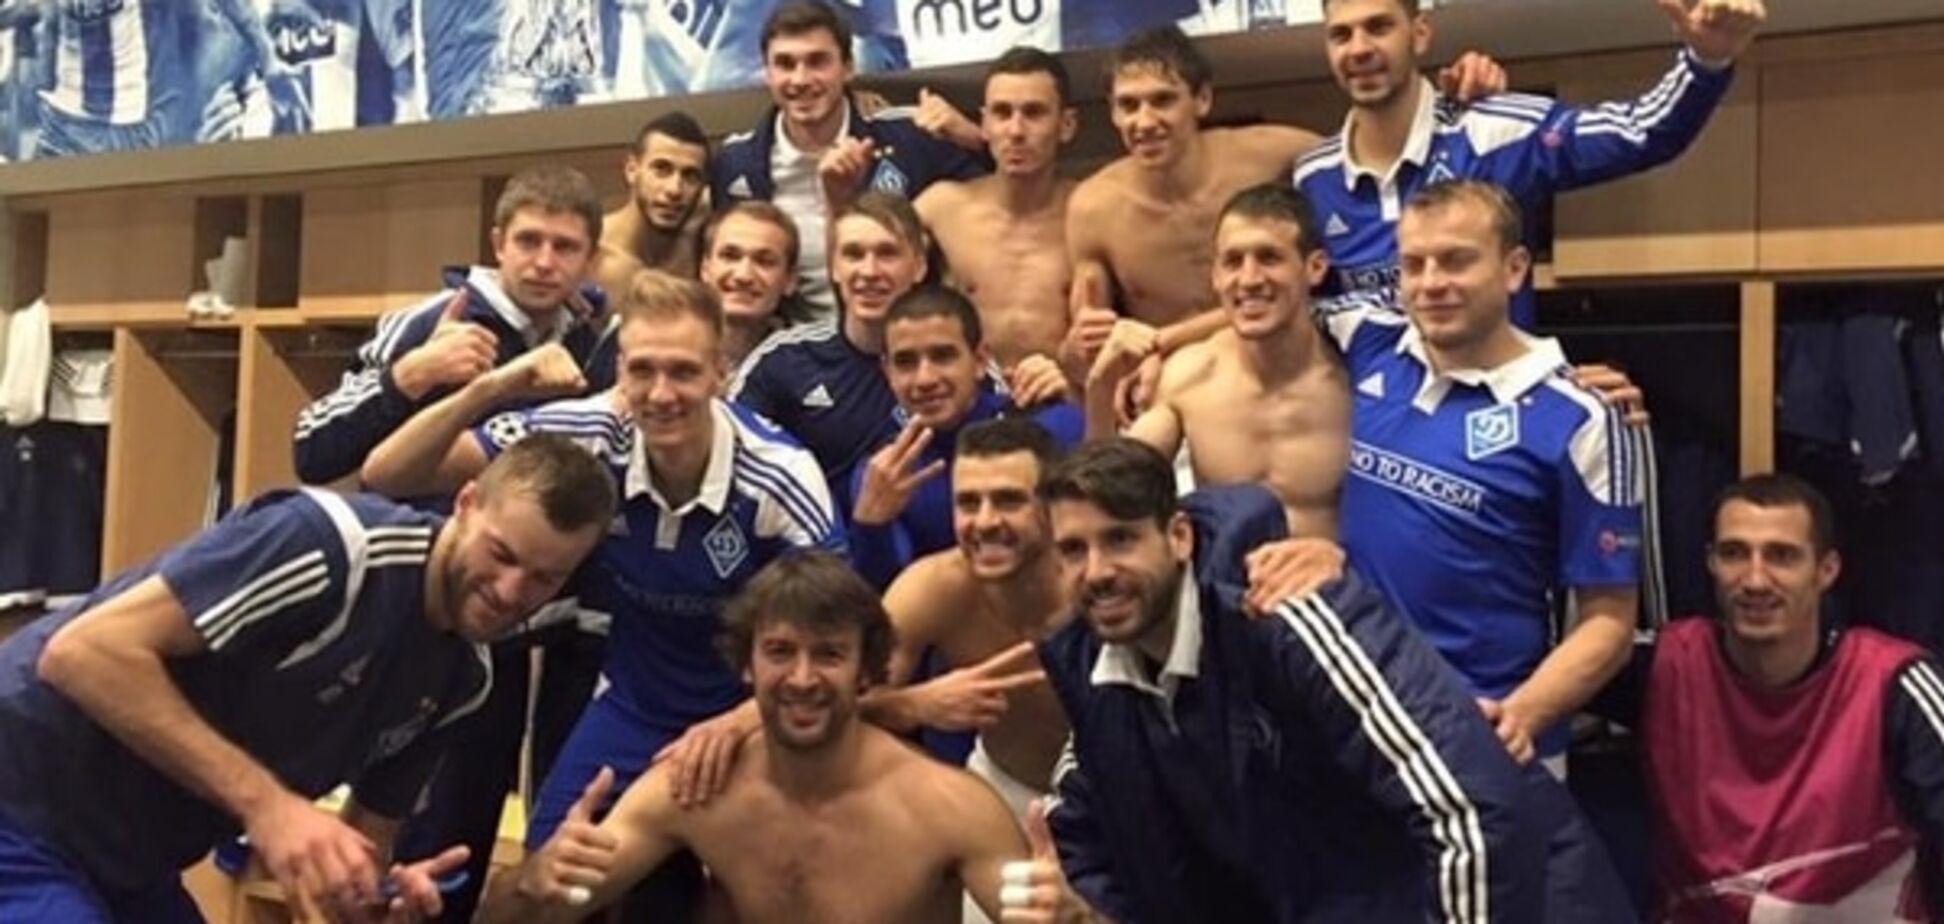 Шовковський показав, що творилося в роздягальні 'Динамо' після перемоги над 'Порту' в Лізі чемпіонів